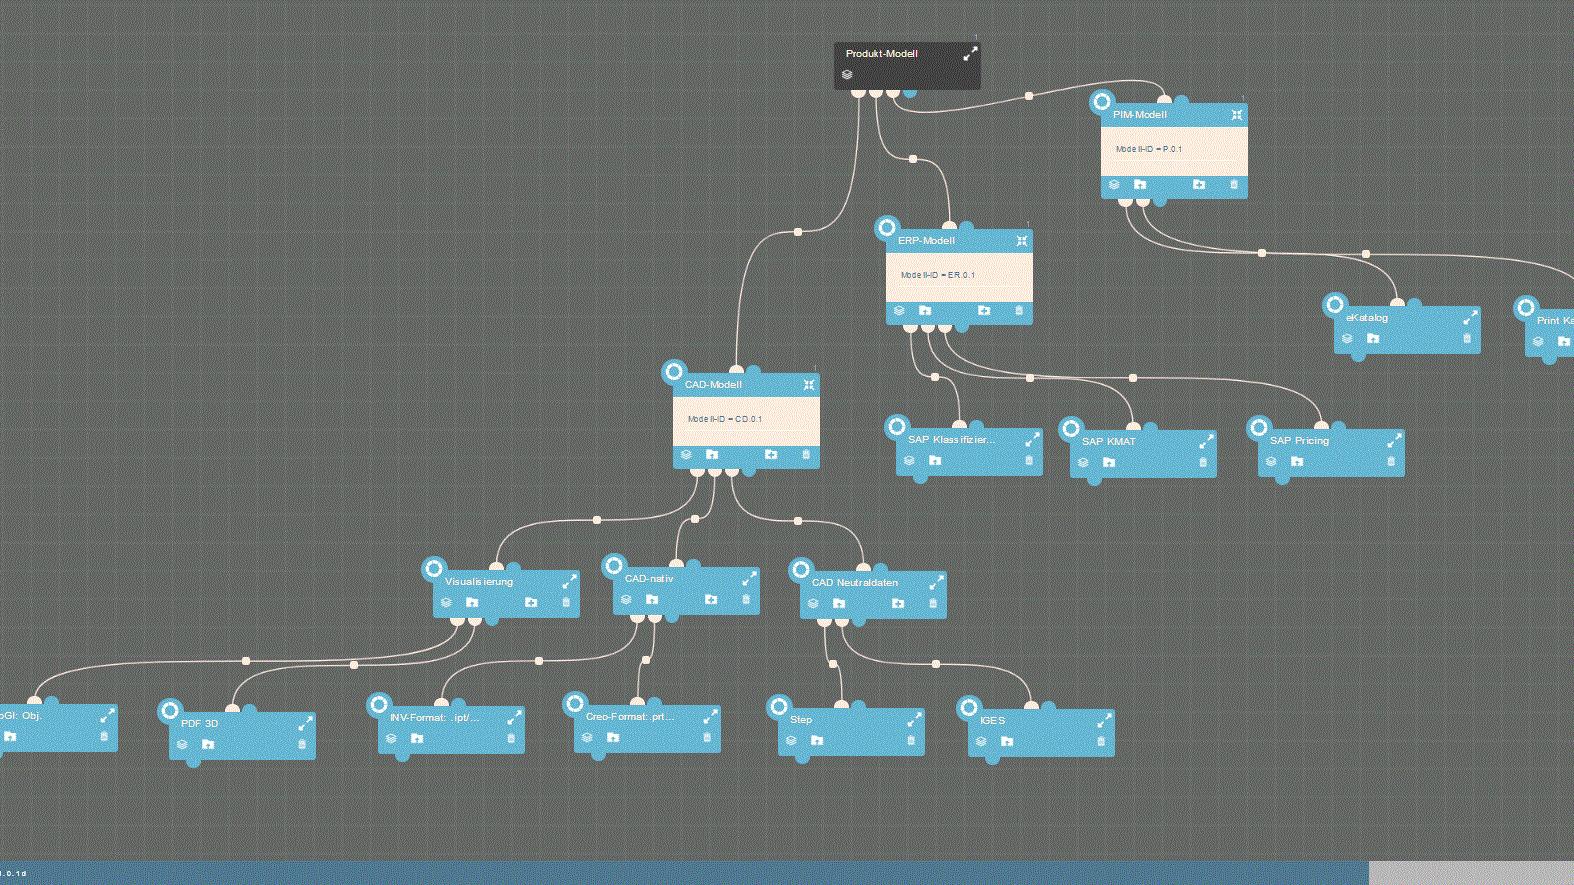 Variantenkonfiguration